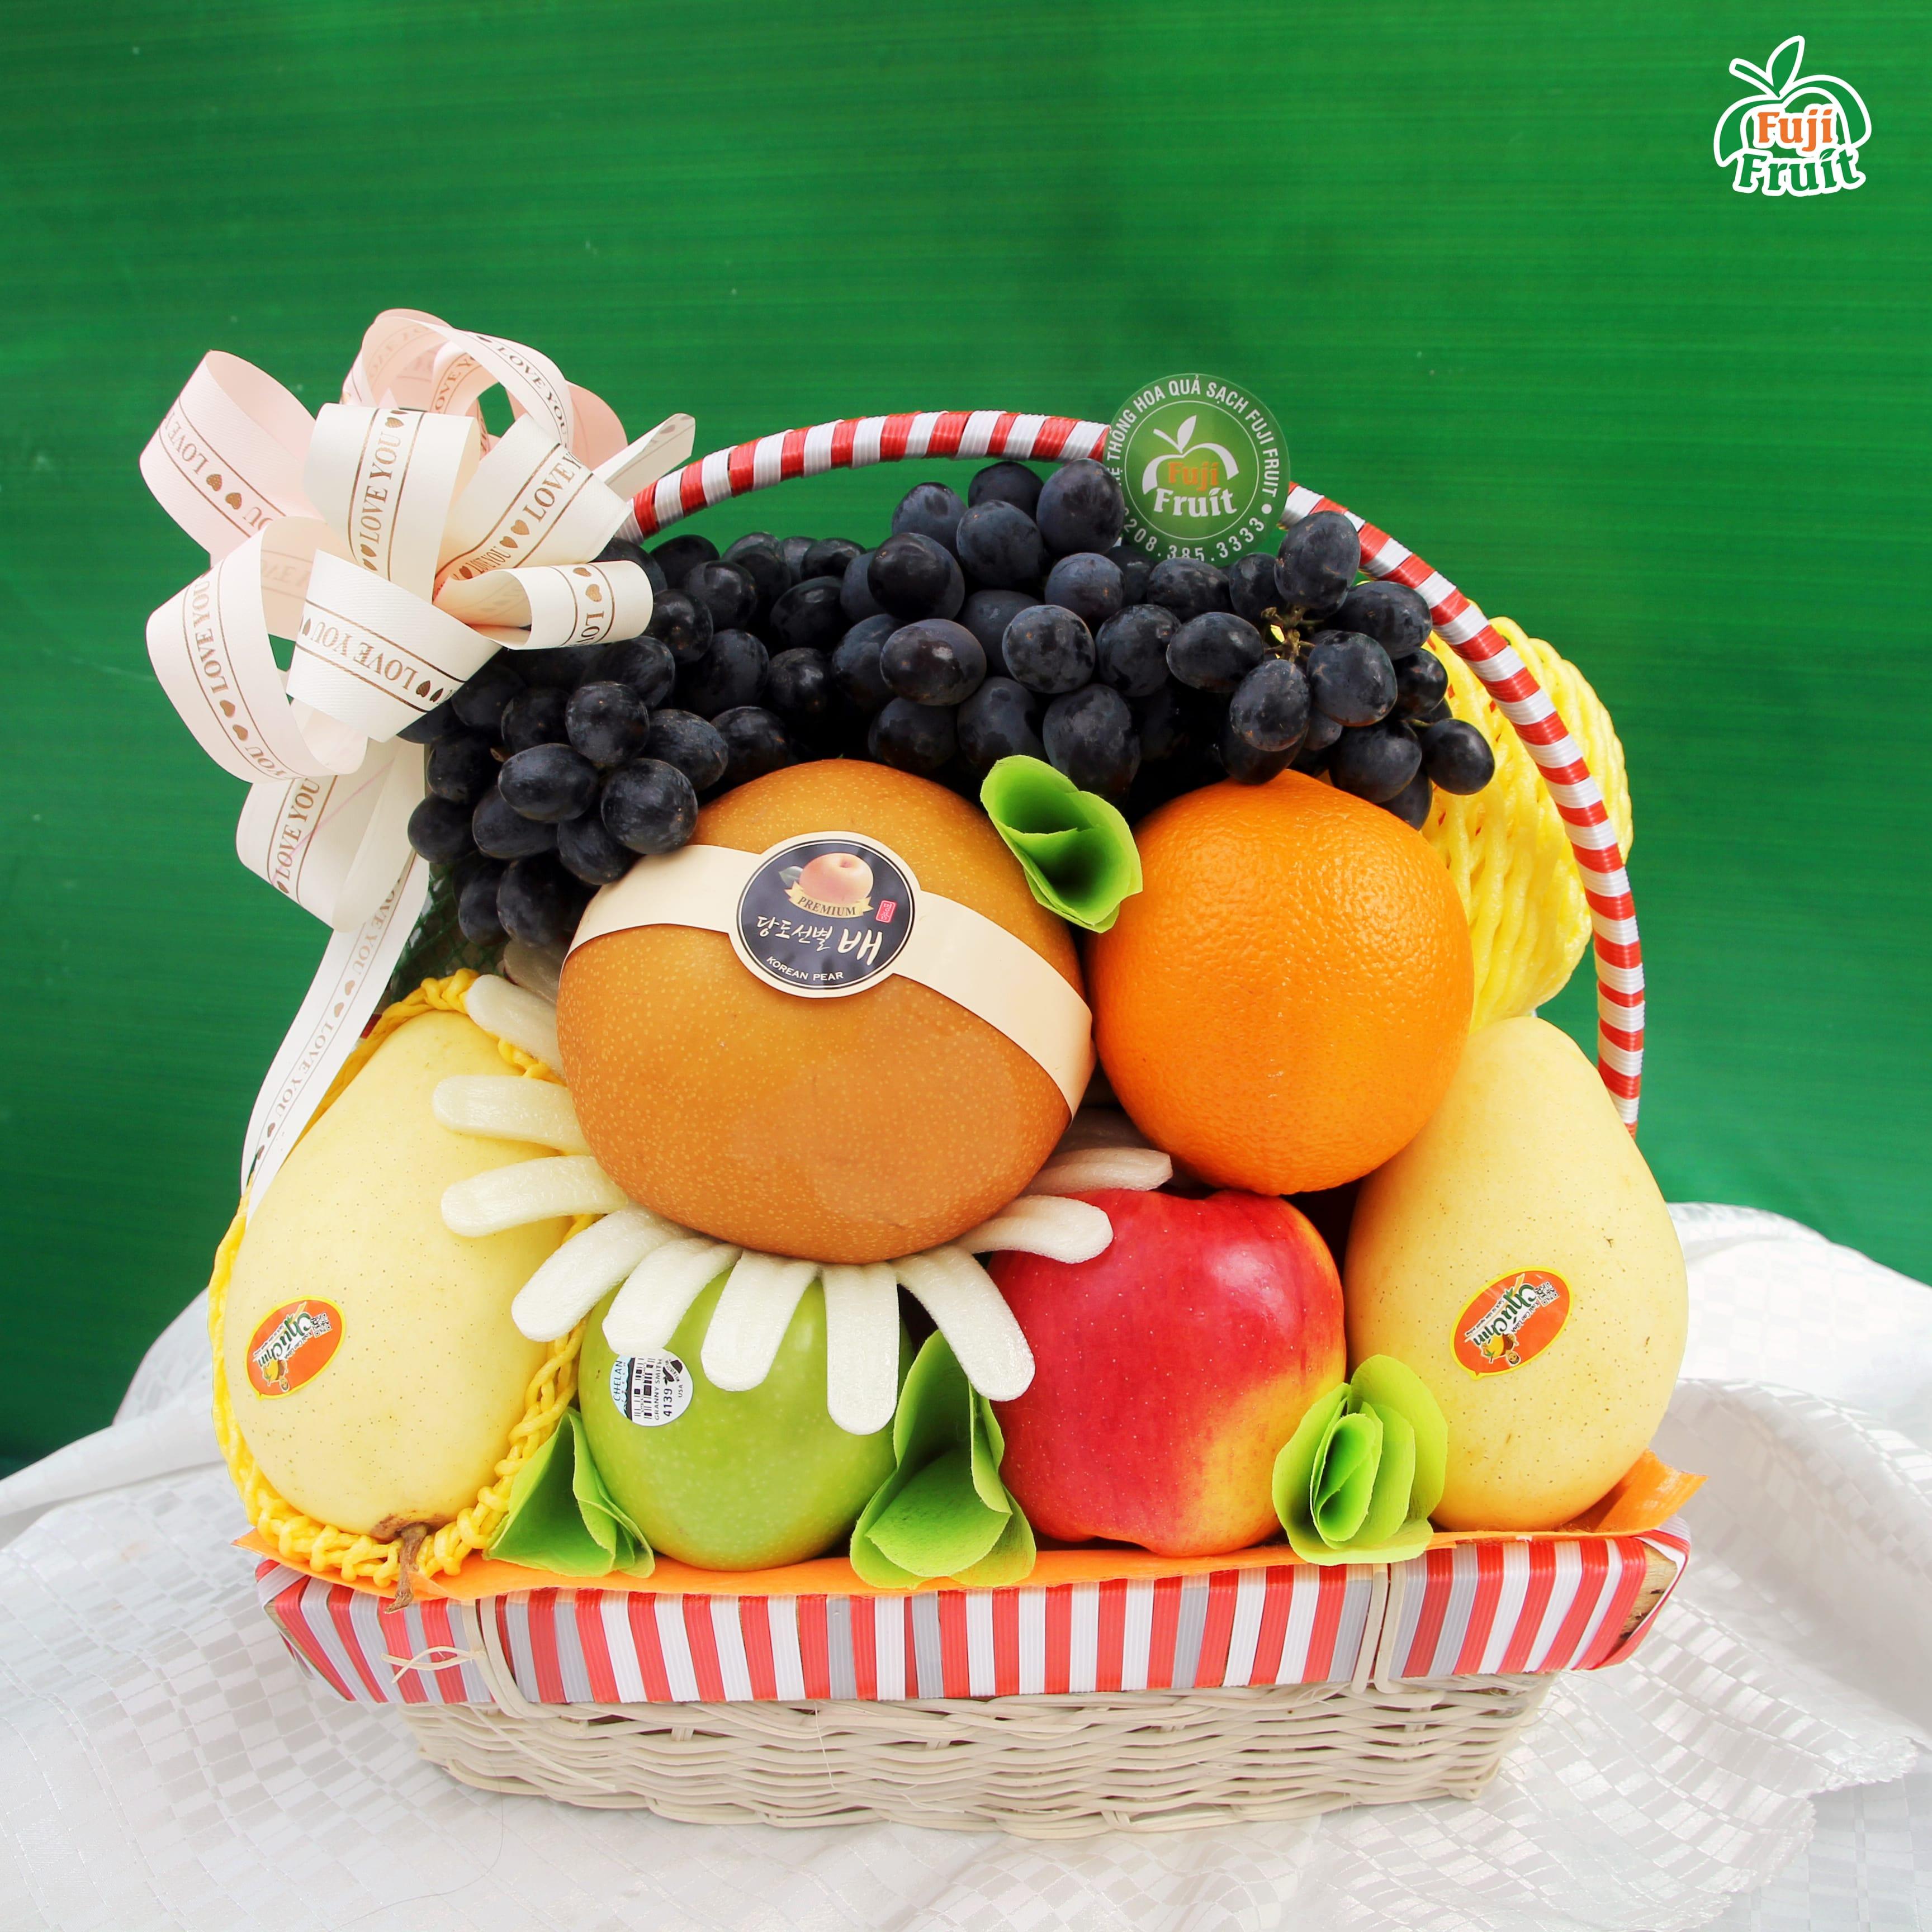 Xu hướng giỏ hoa quả trái cây nhập khẩu mấy năm gần đây đang rất được ưa chuộng